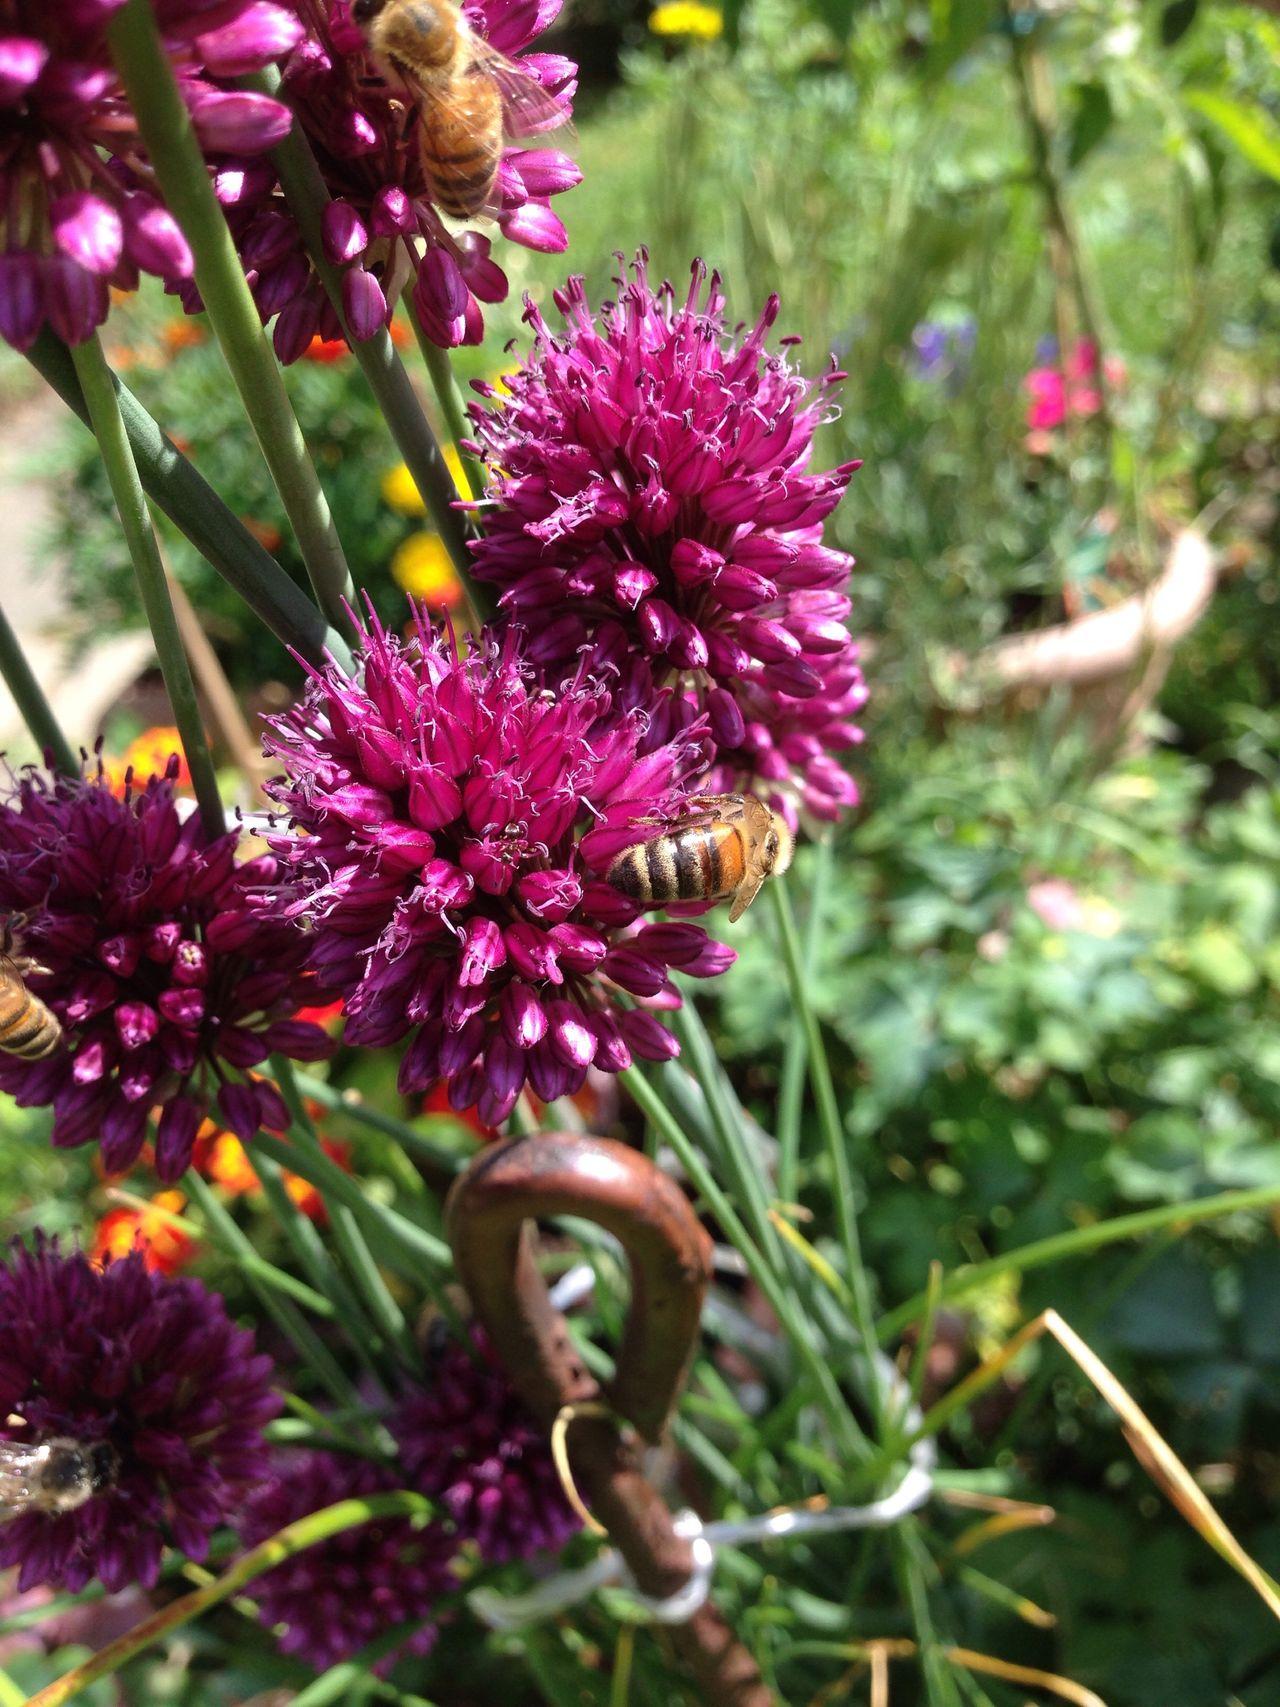 Garten Pflanze Natur Allium Sphaerocephalon Allium Flower Garden Garden Photography Zierlauch Kugellauch Lauch Wildbiene Wildbee Biene Bee Wildbienen Bienen Bei Der Arbeit Bienen  Bees Bees And Flowers